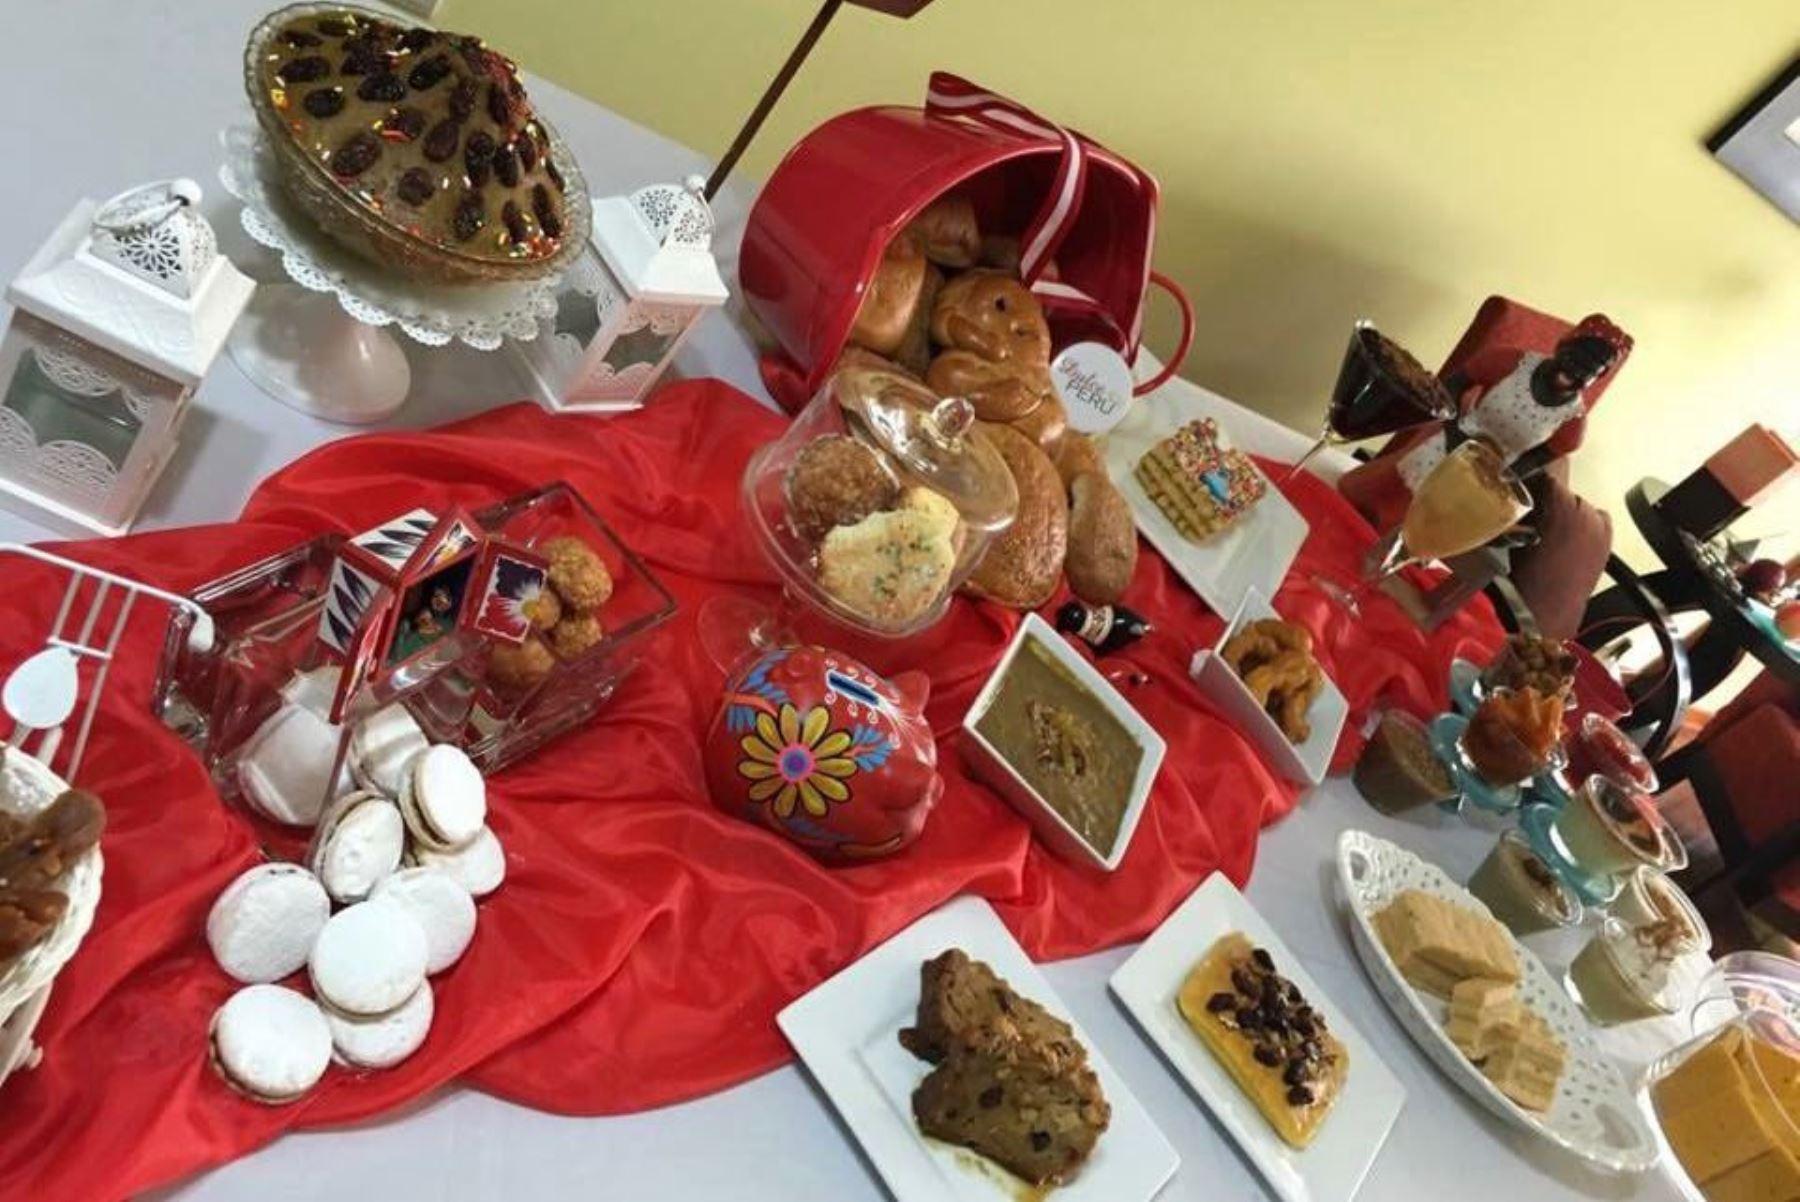 Fiestas Patrias: público disfrutará de platillos y dulces emblemáticos del Perú. Foto: ANDINA/Difusión.